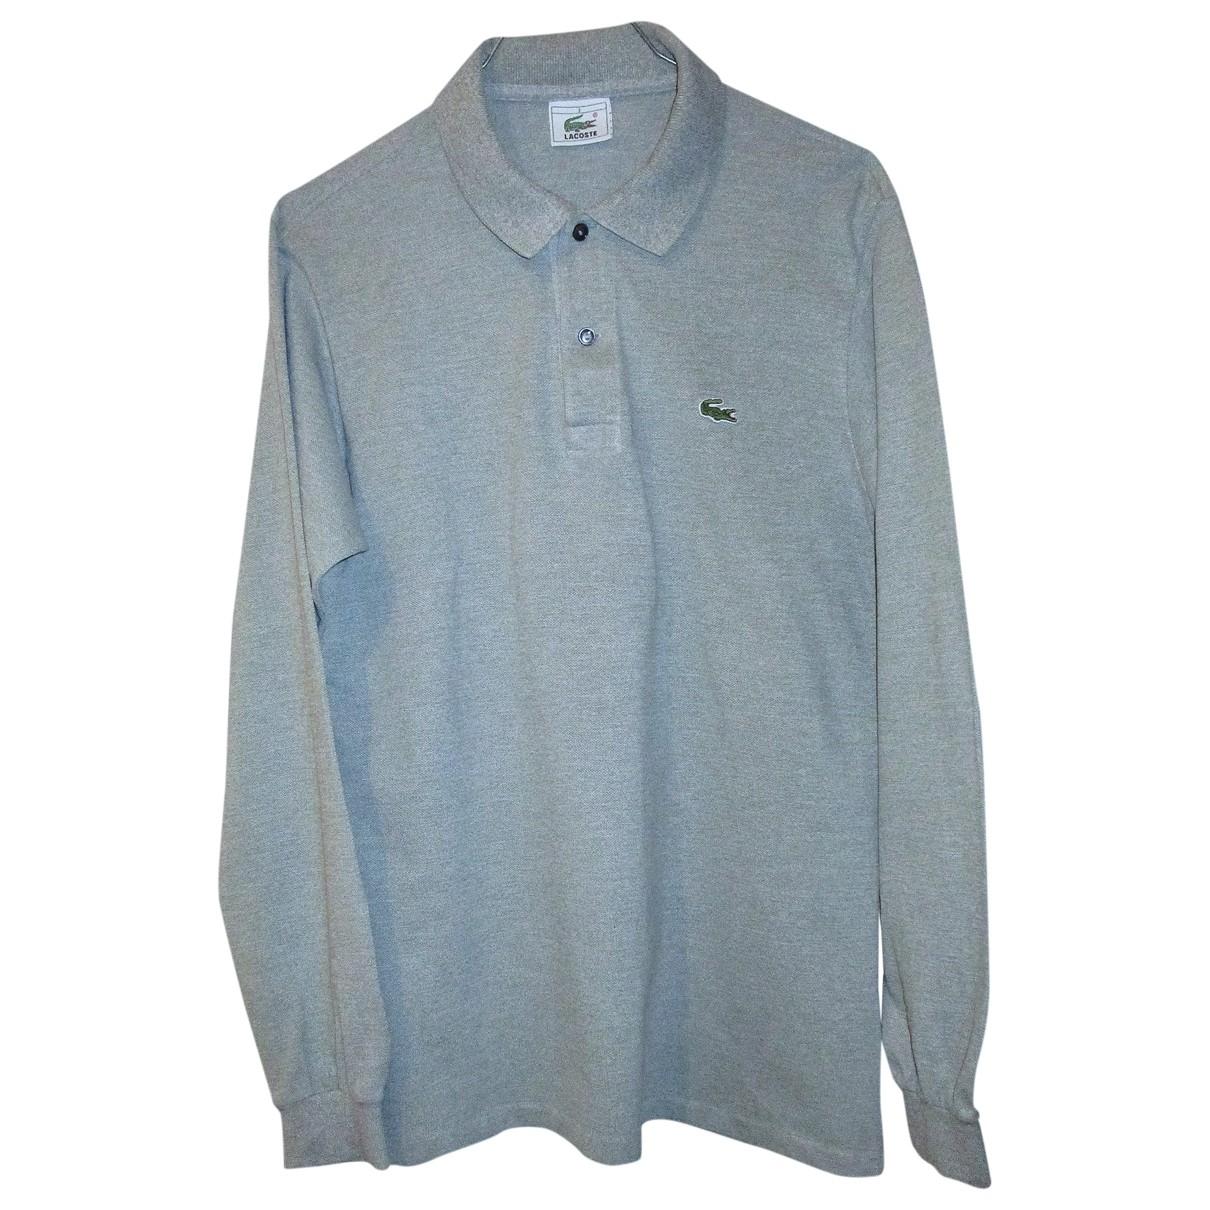 Lacoste - Polos   pour homme en coton - gris